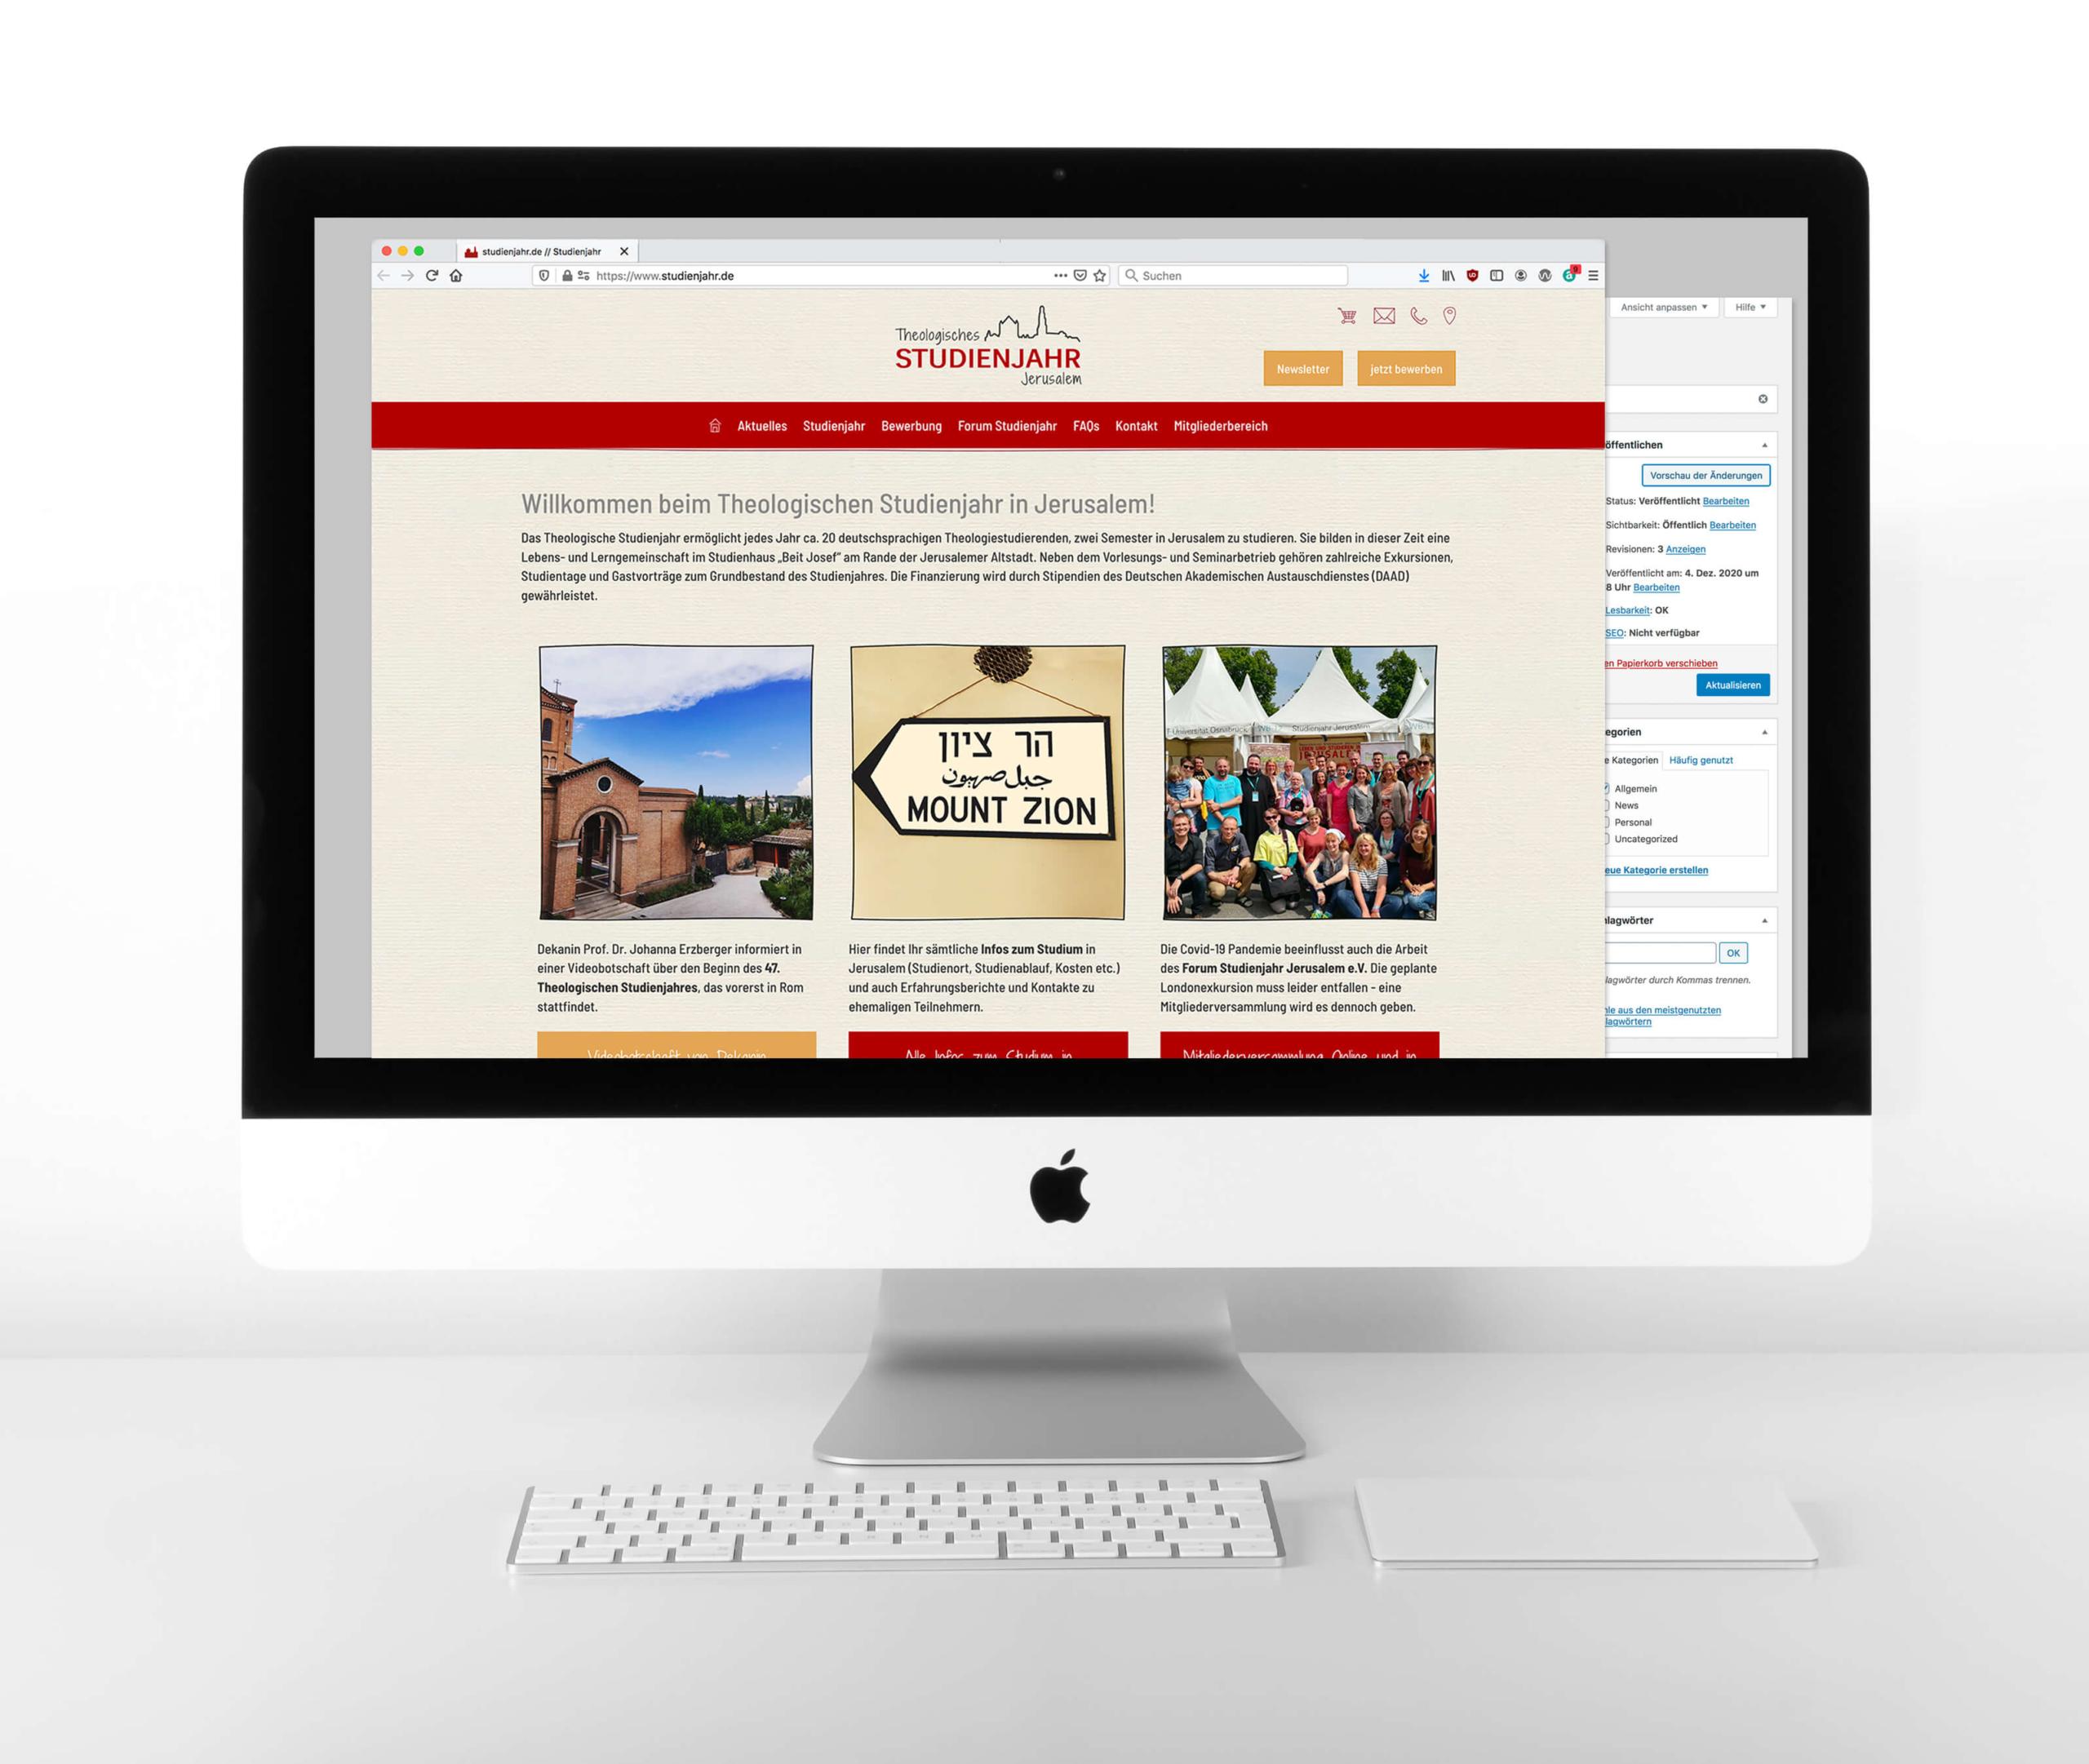 Forum Studienjahr, Website, Abbildung iMac